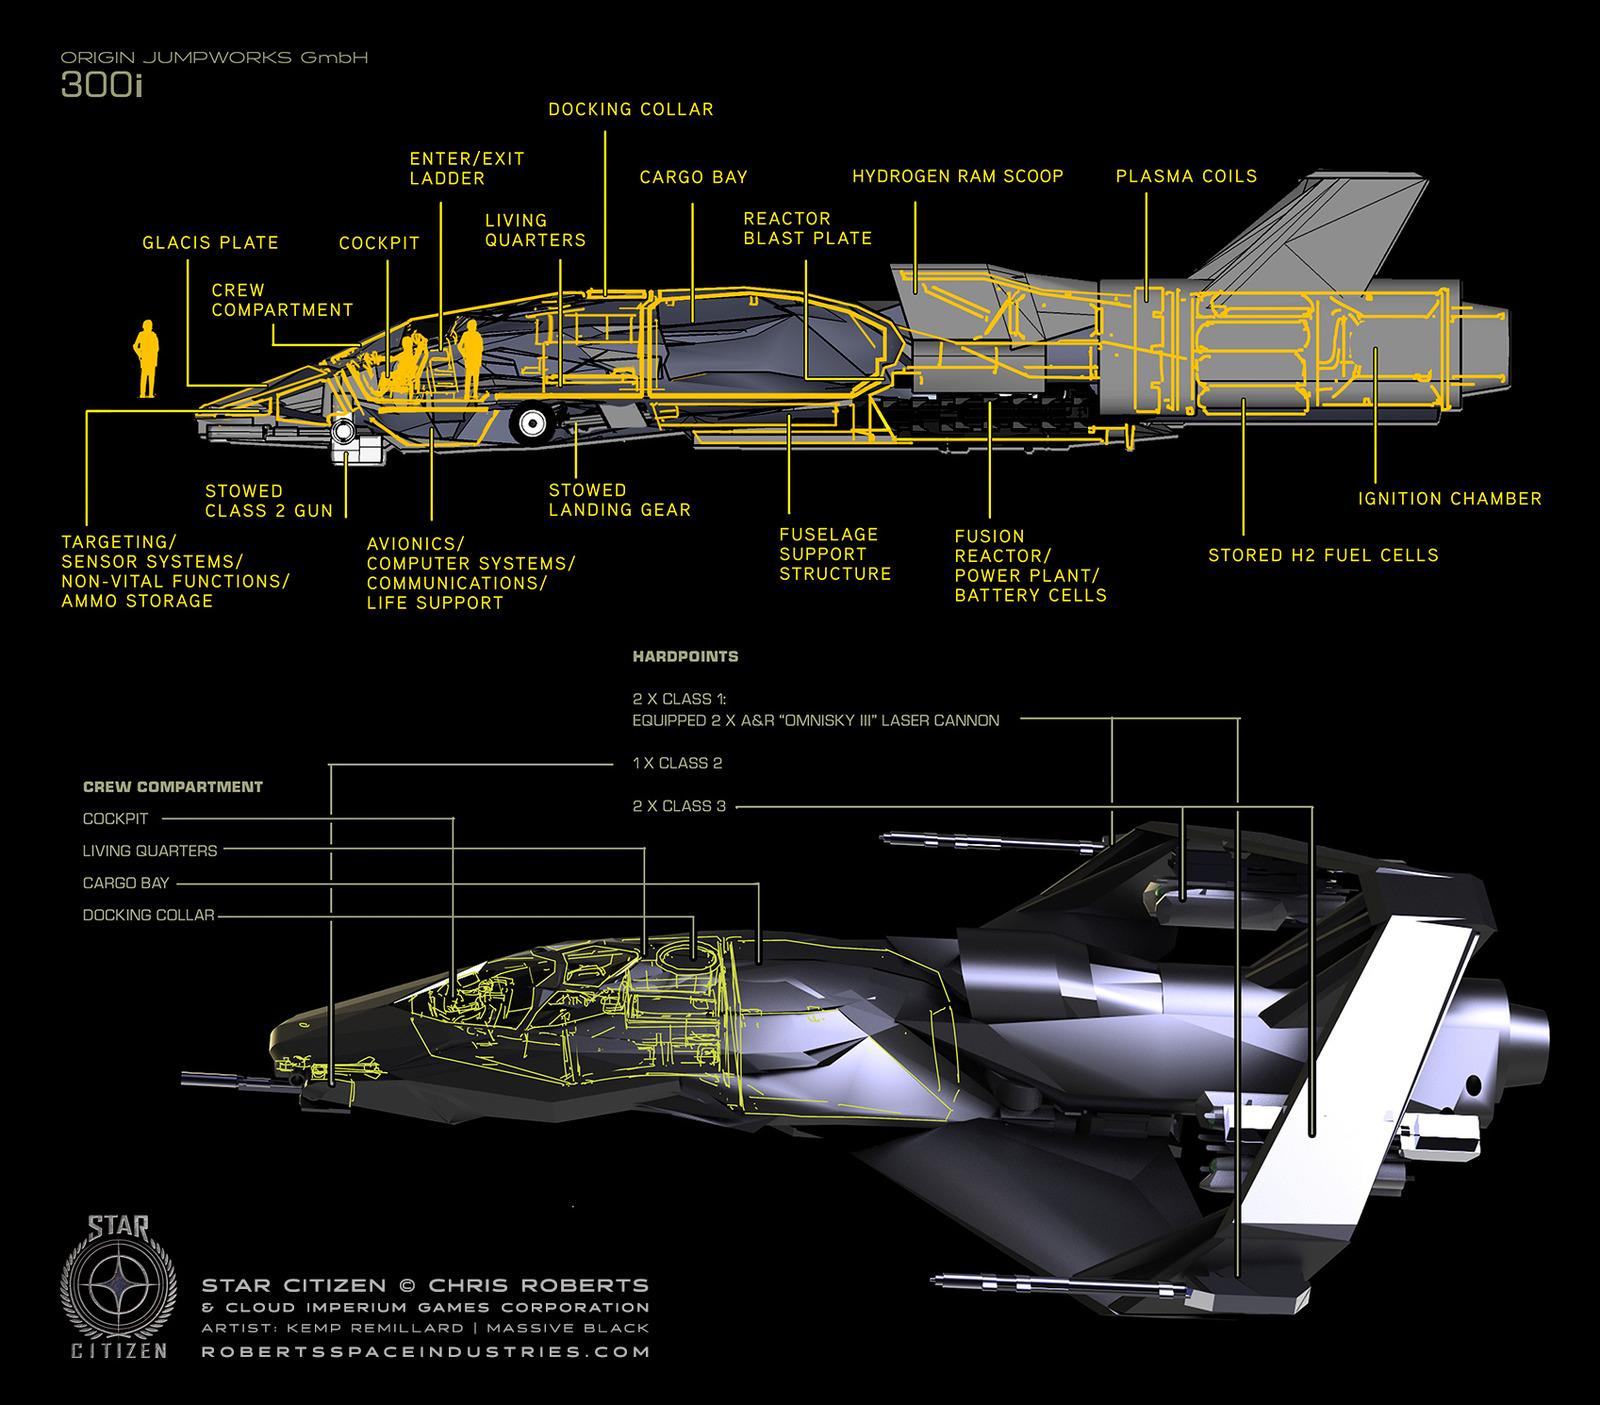 未来太空飞船设计图 未来概念飞船 超科幻未来飞船